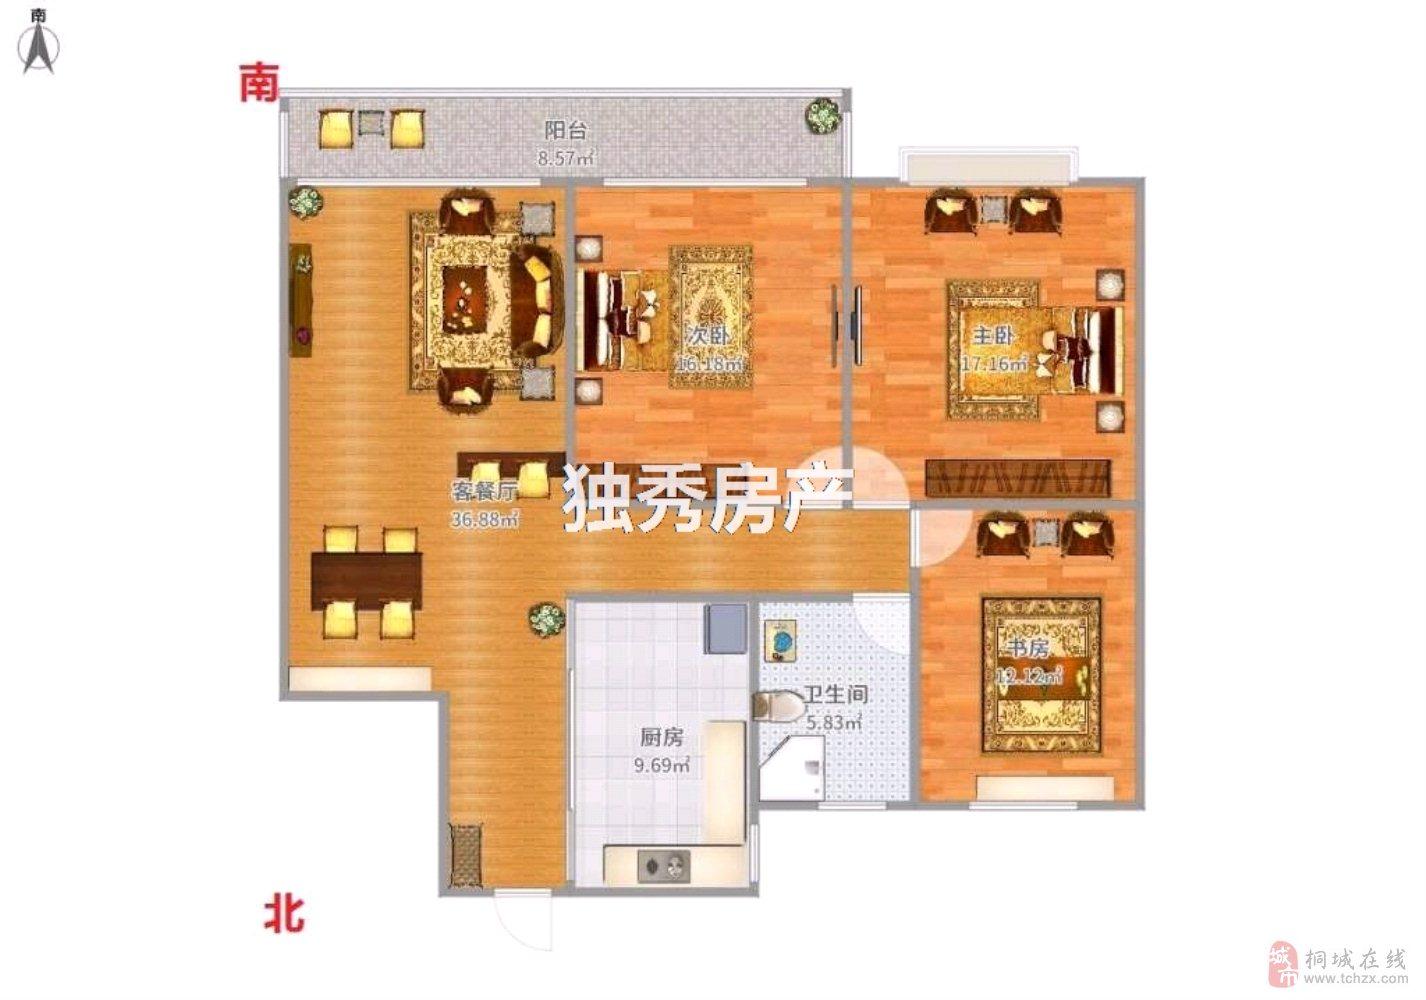 上和家园3室精装修中间楼层采光好交通便利